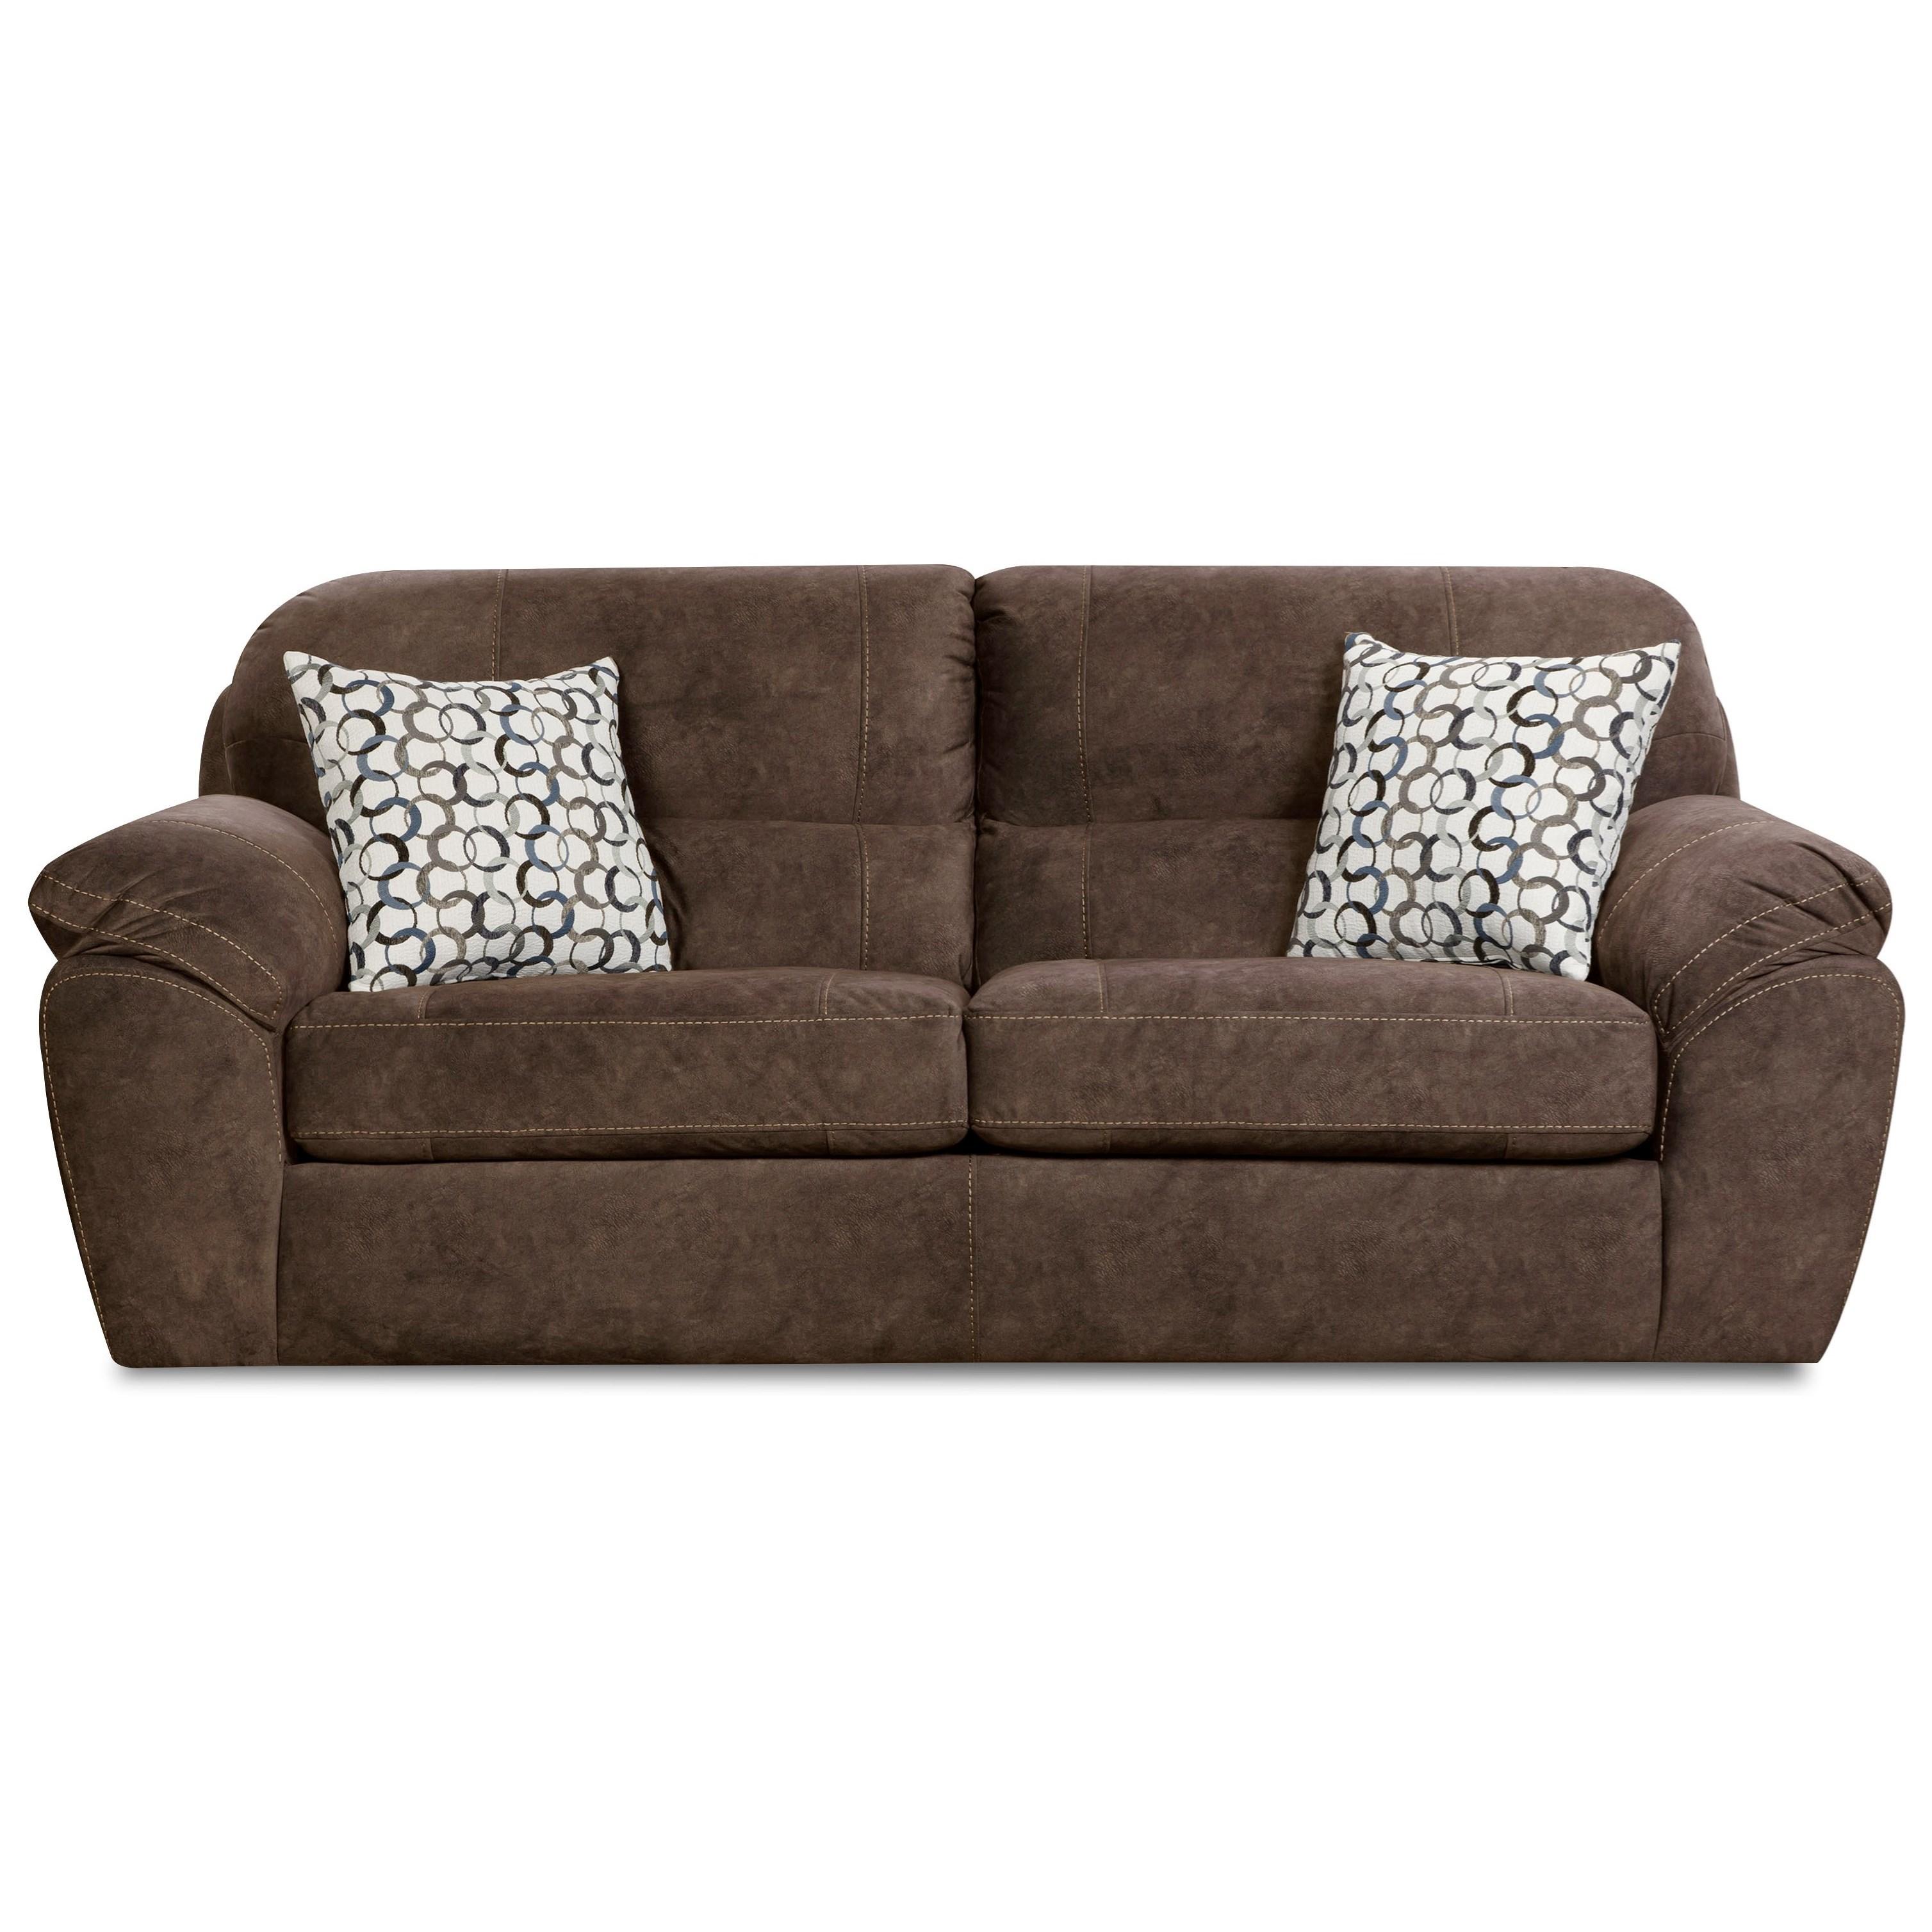 Corinthian 18D0 Sofa - Item Number: FG18D3-IMPRINT-COCOA